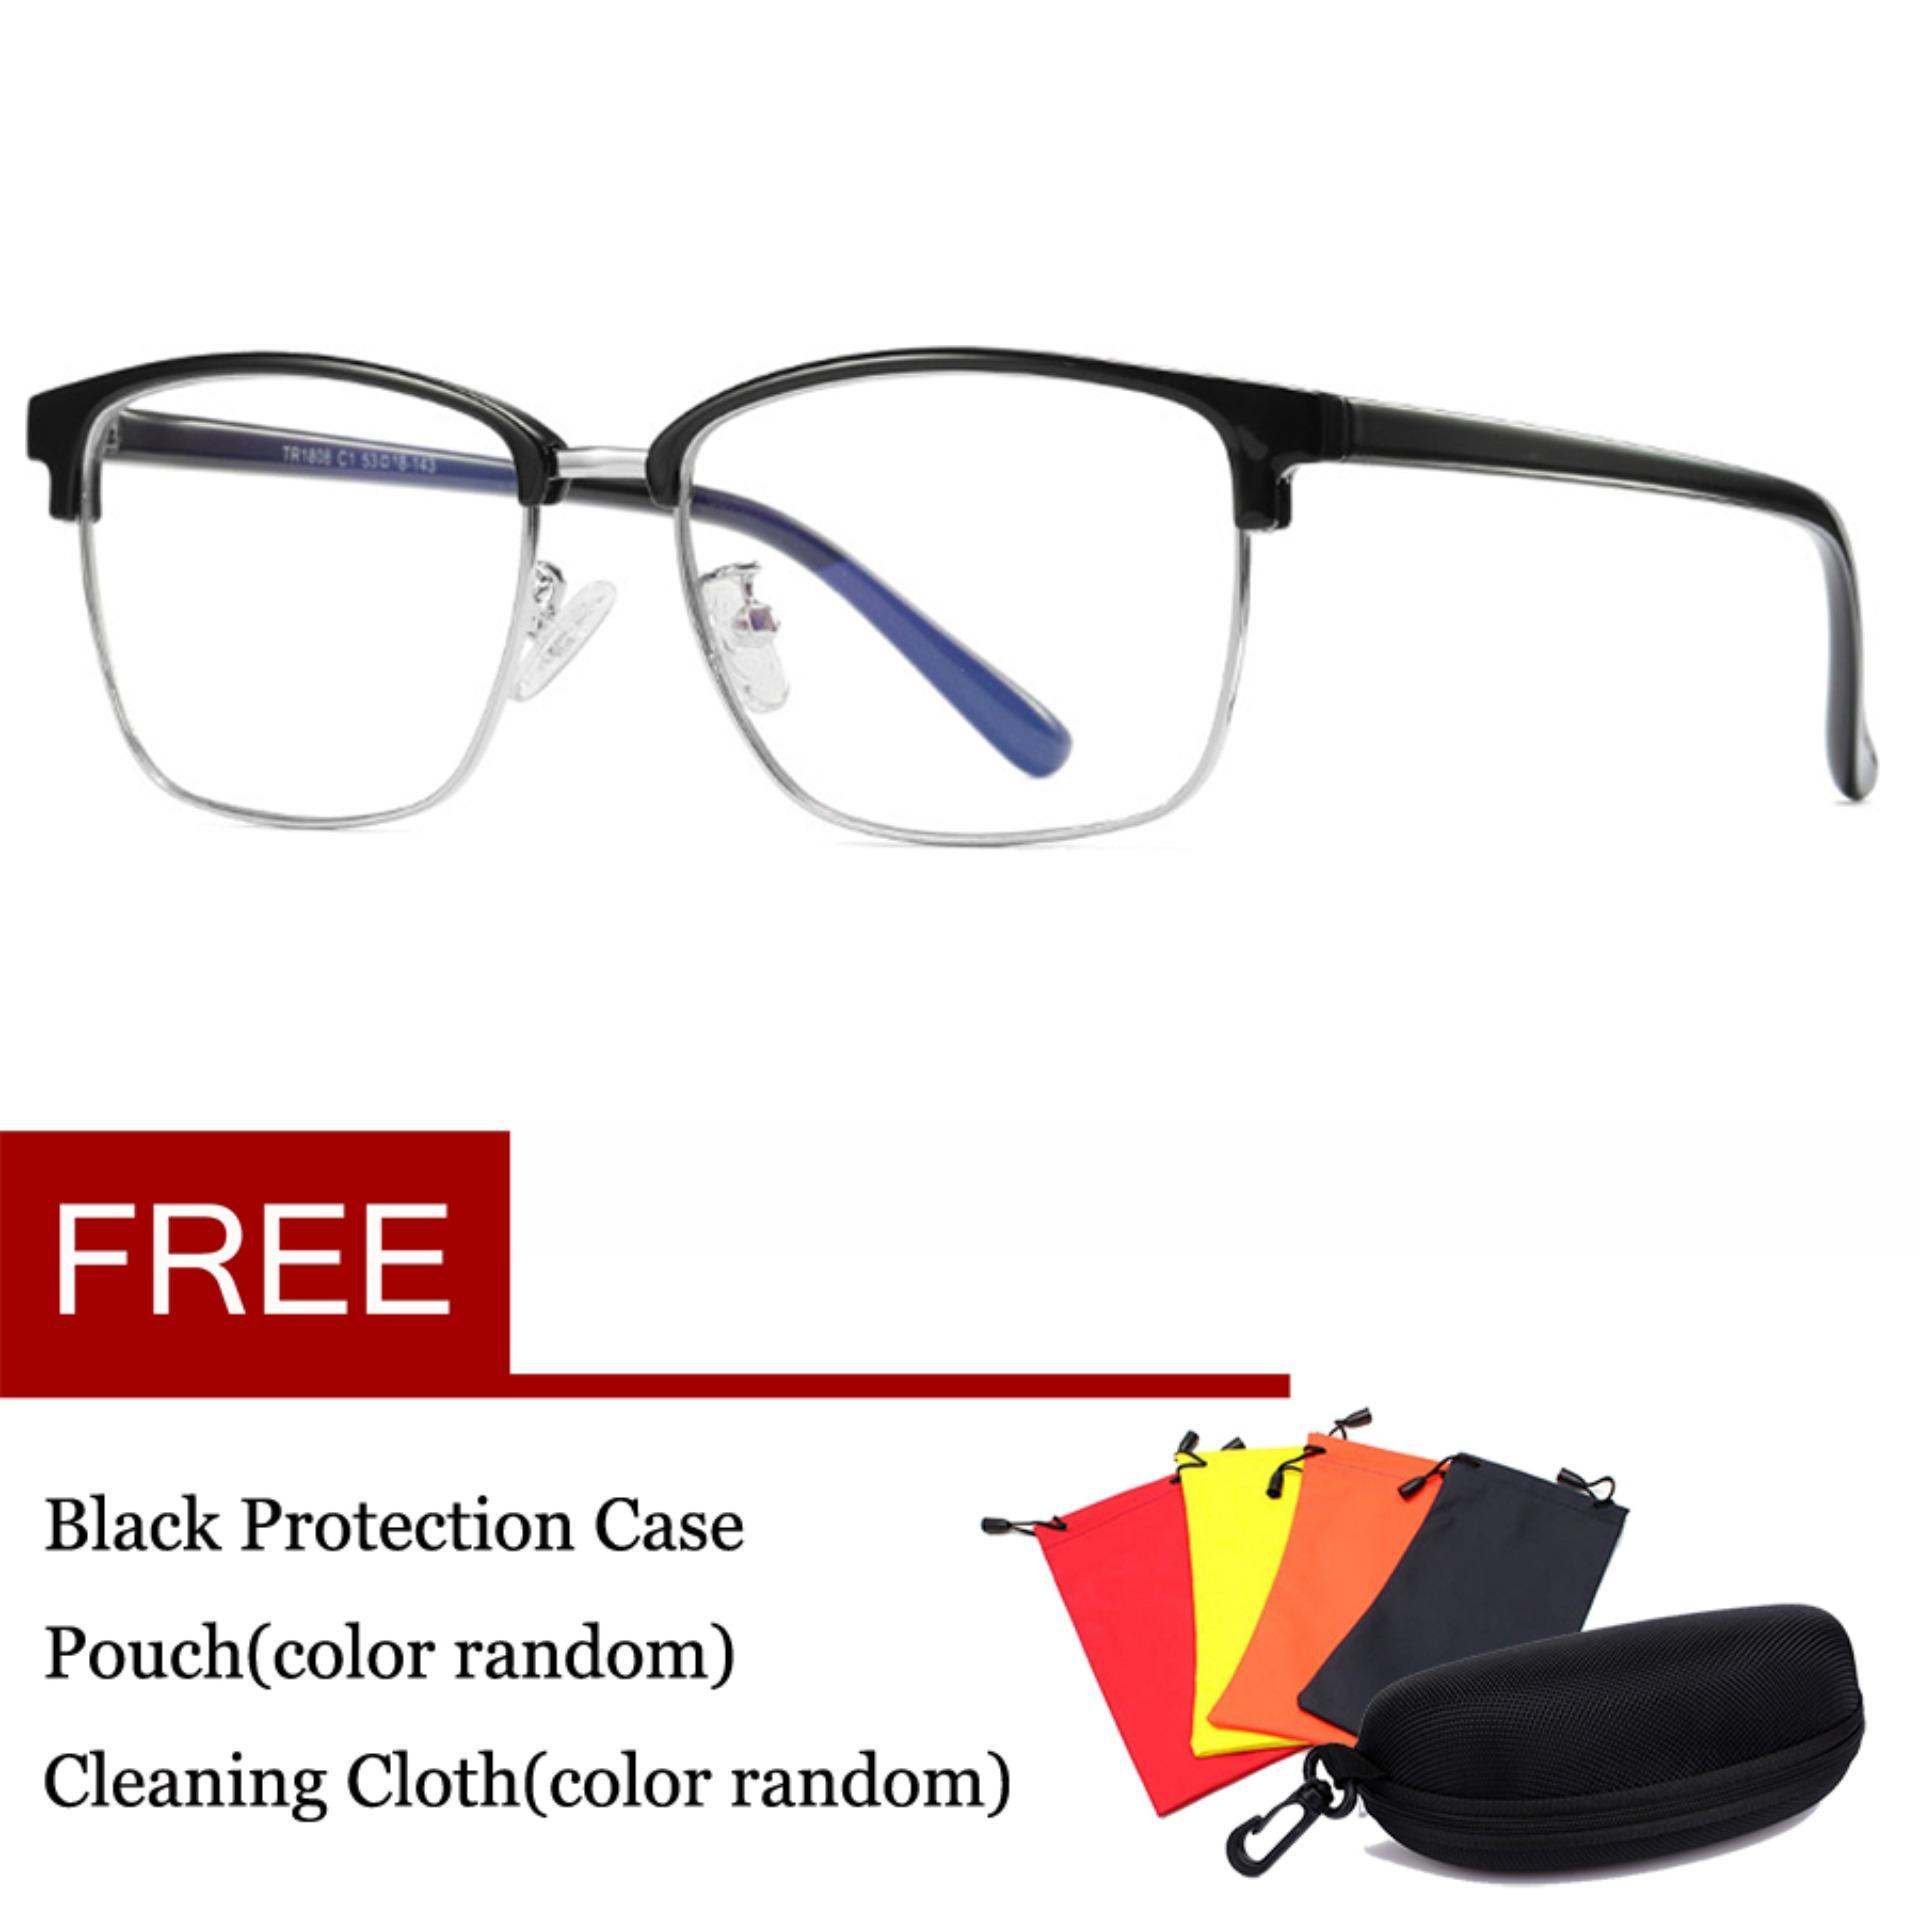 Komputer Kacamata Game Anti Cahaya Biru Kacamata Anti-Silau Anti Silau Tegangan Mata Lensa Perlindungan Uv 100% 0.00x Eyewear 1808 By Thomasstore.